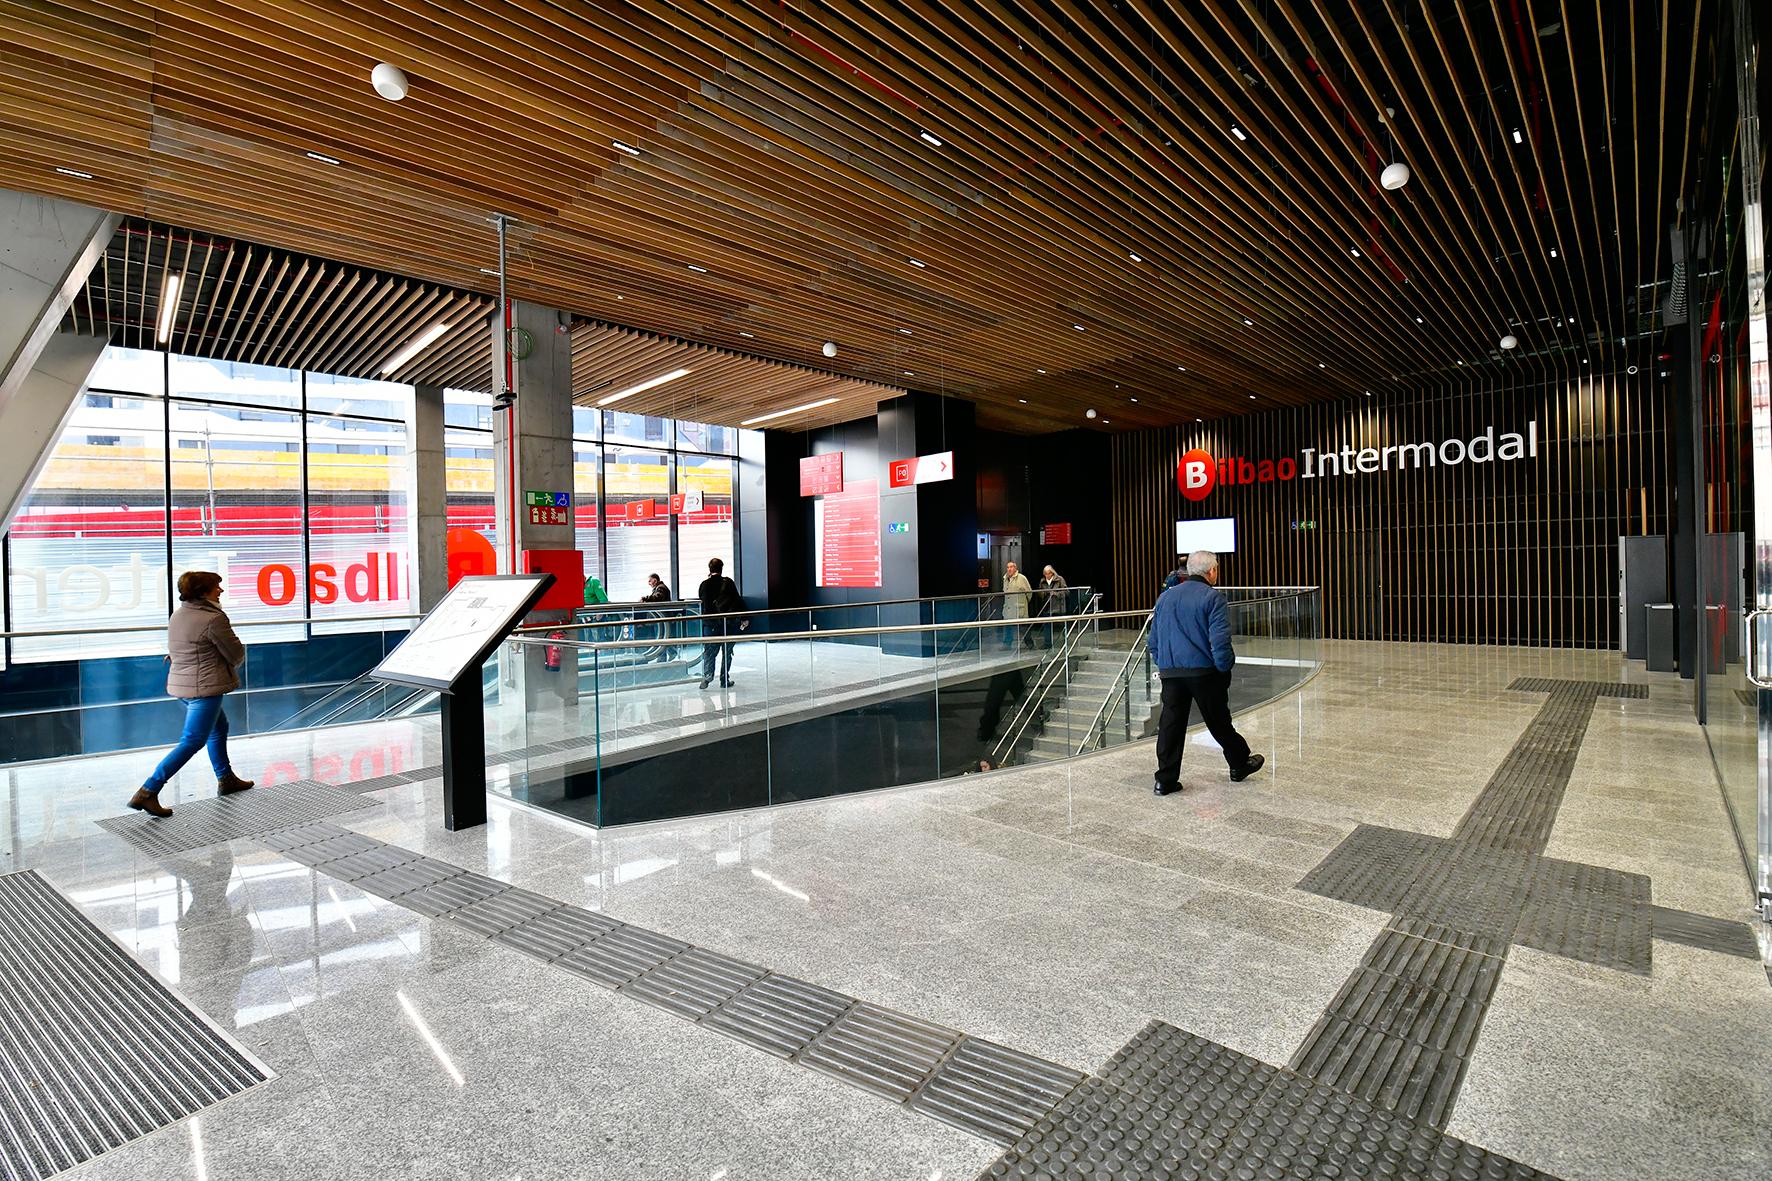 ONDOAN ha ejecutado el Sistema de Protección Contra Incendios en la nueva Intermodal de Bilbao